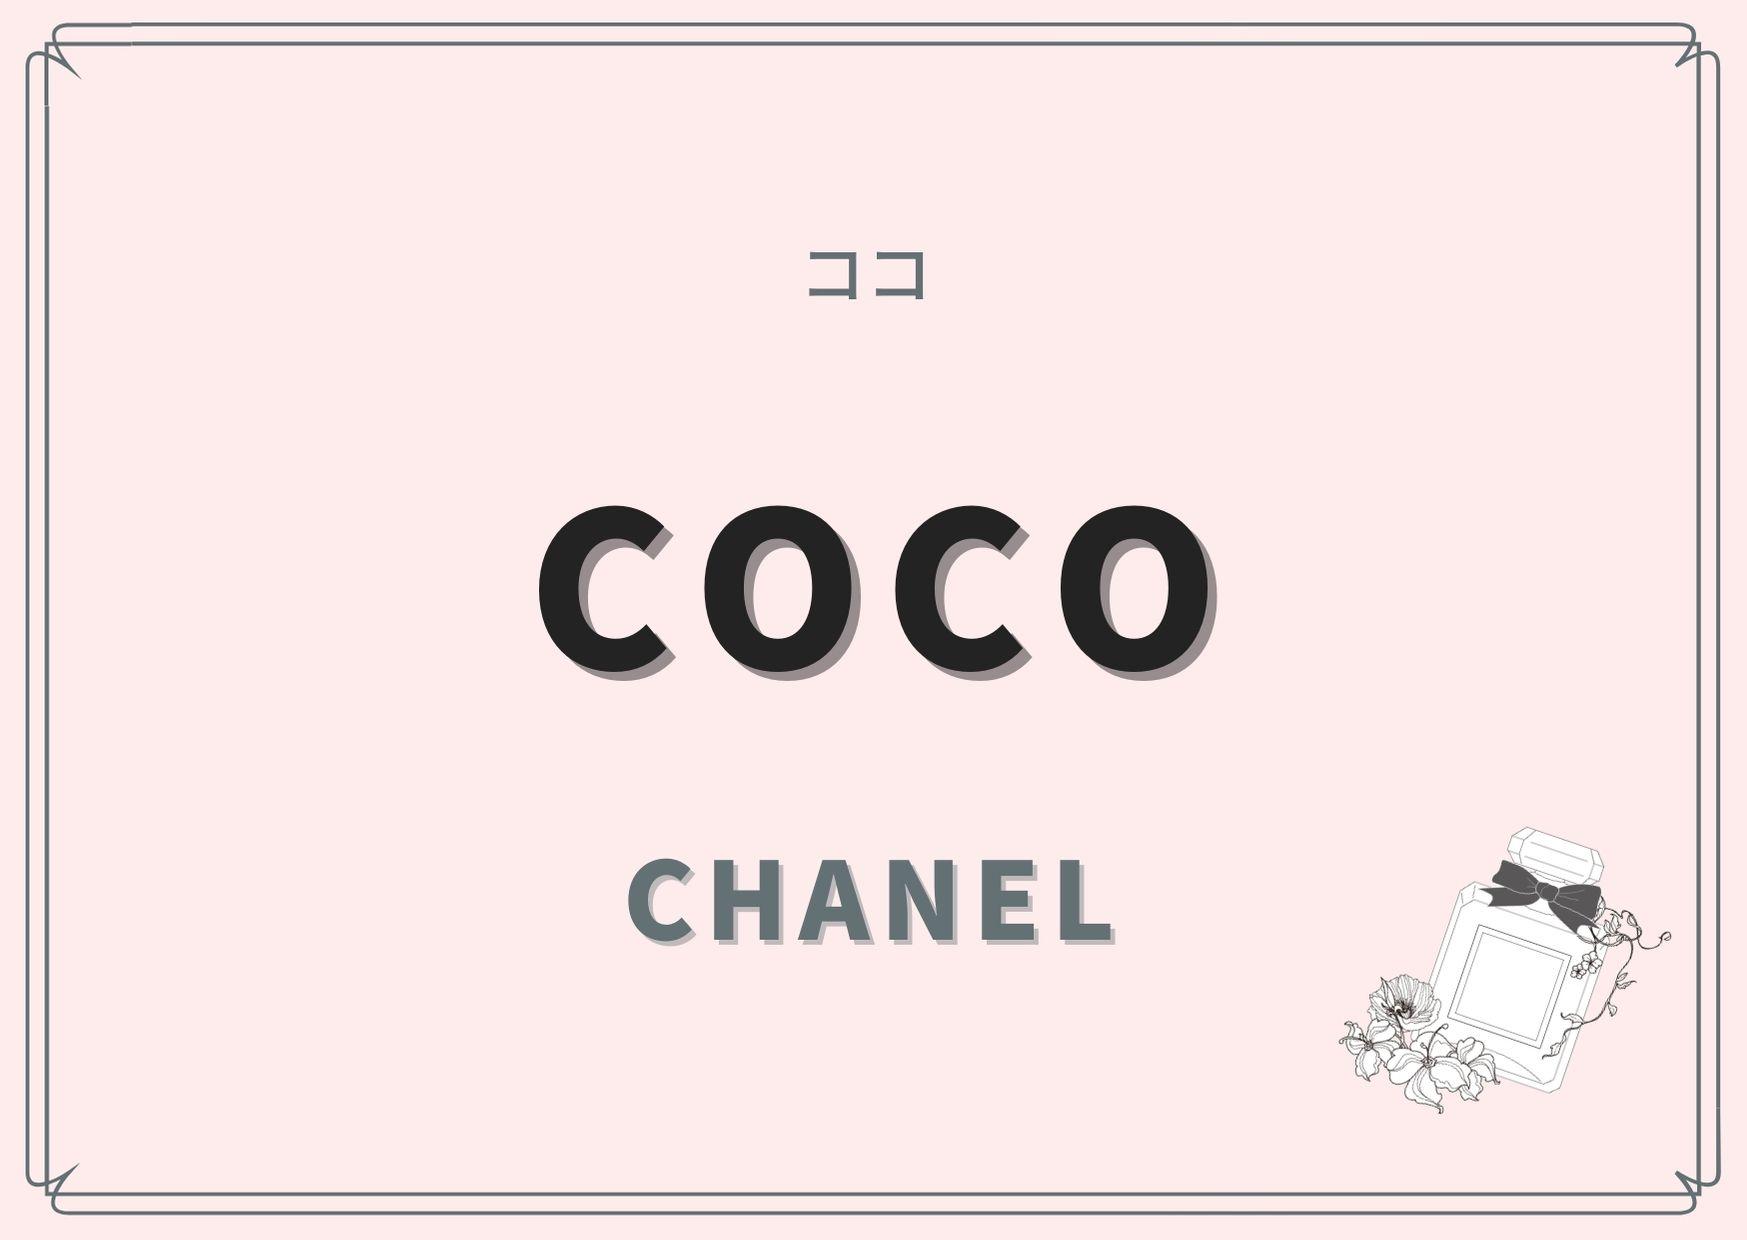 COCO(ココ)/CHANEL(シャネル)